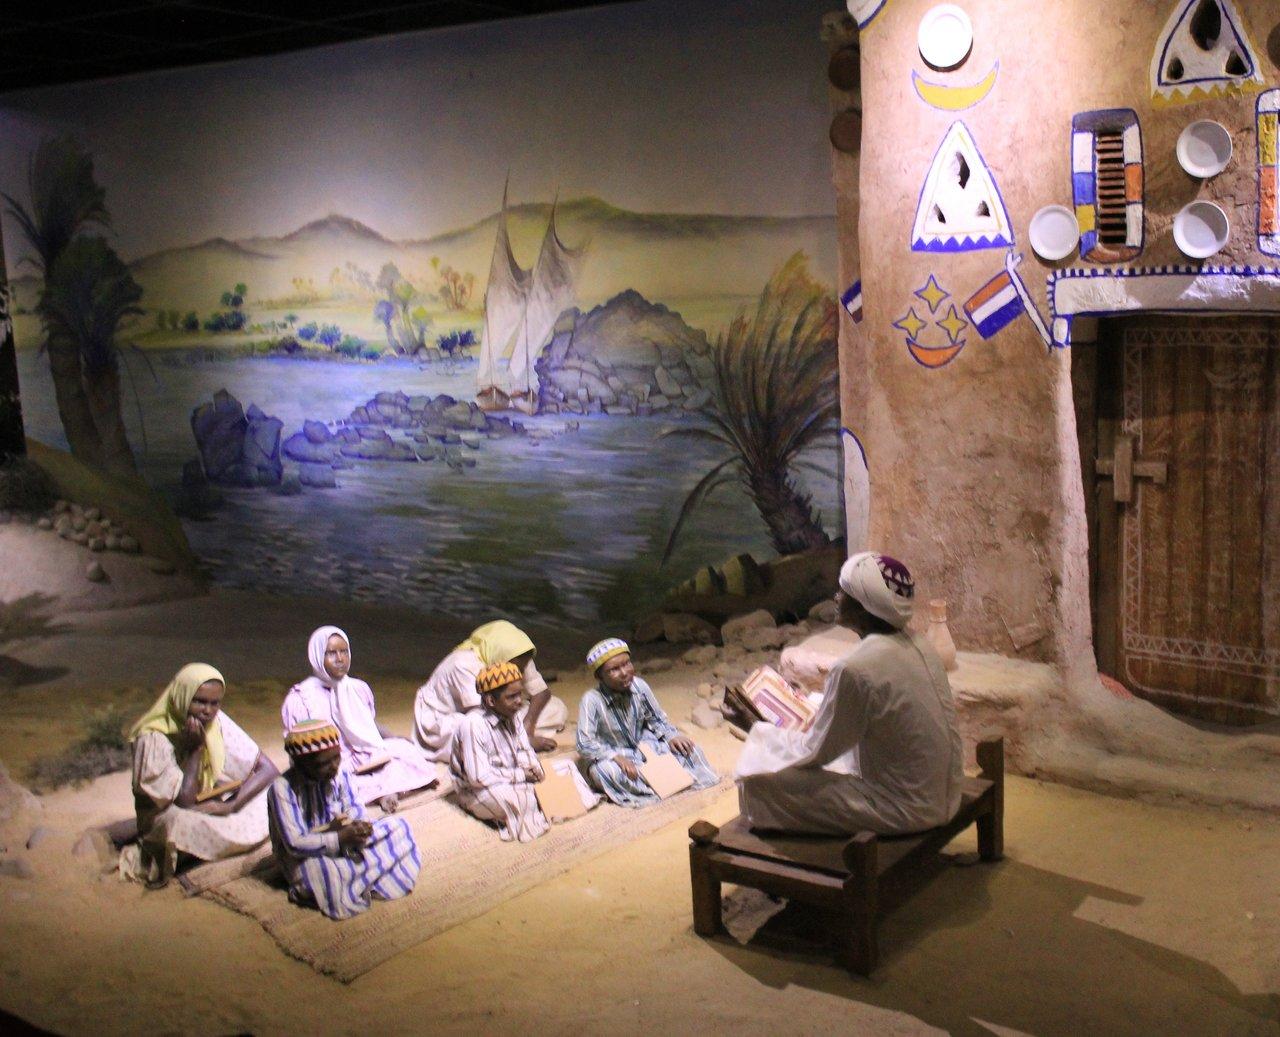 متحف النوبة في اسوان (تاريخه ، موقعه ، مواعيد الزيارة ، اسعار تذاكر الدخول) بالتفصيل